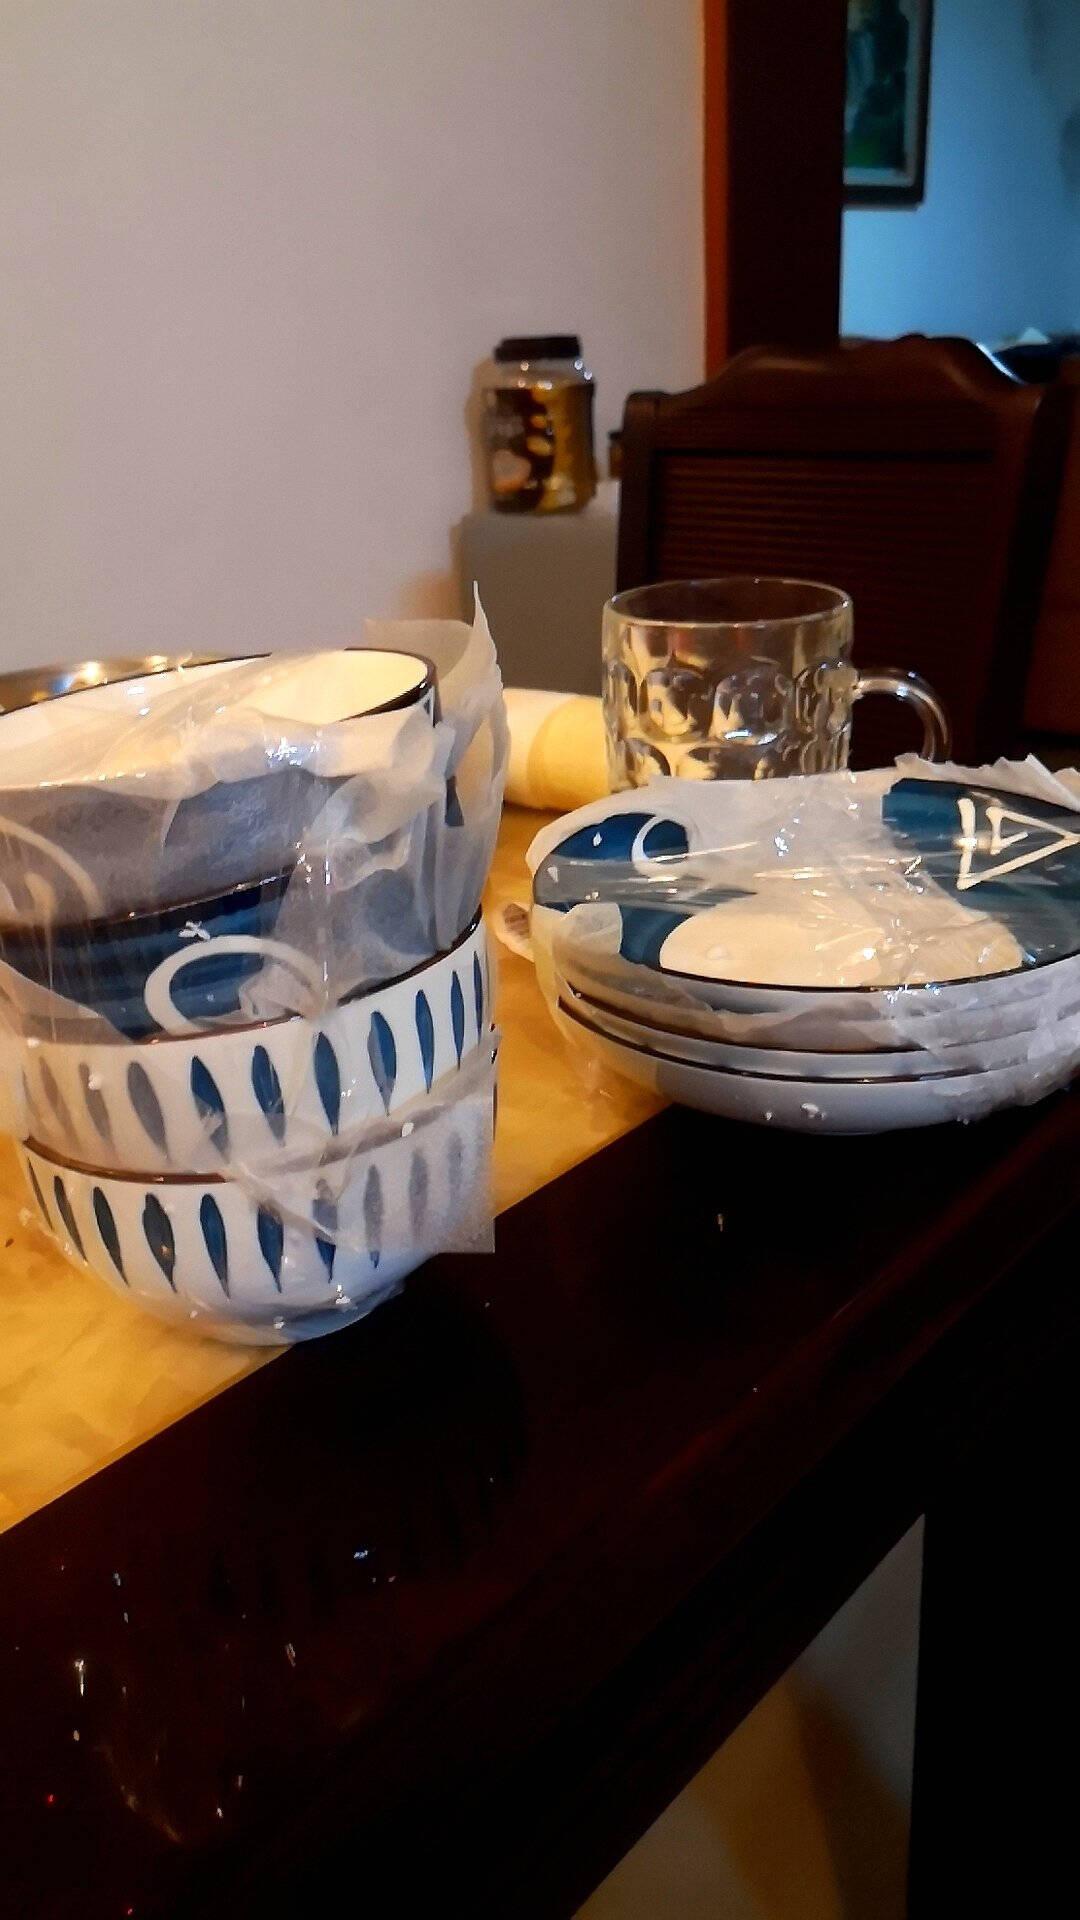 尚行知是餐具碗碟套装网红景德镇市陶瓷餐具创意日式风套装面碗家用陶瓷碗筷【4碗4盘4勺4筷】日式混色